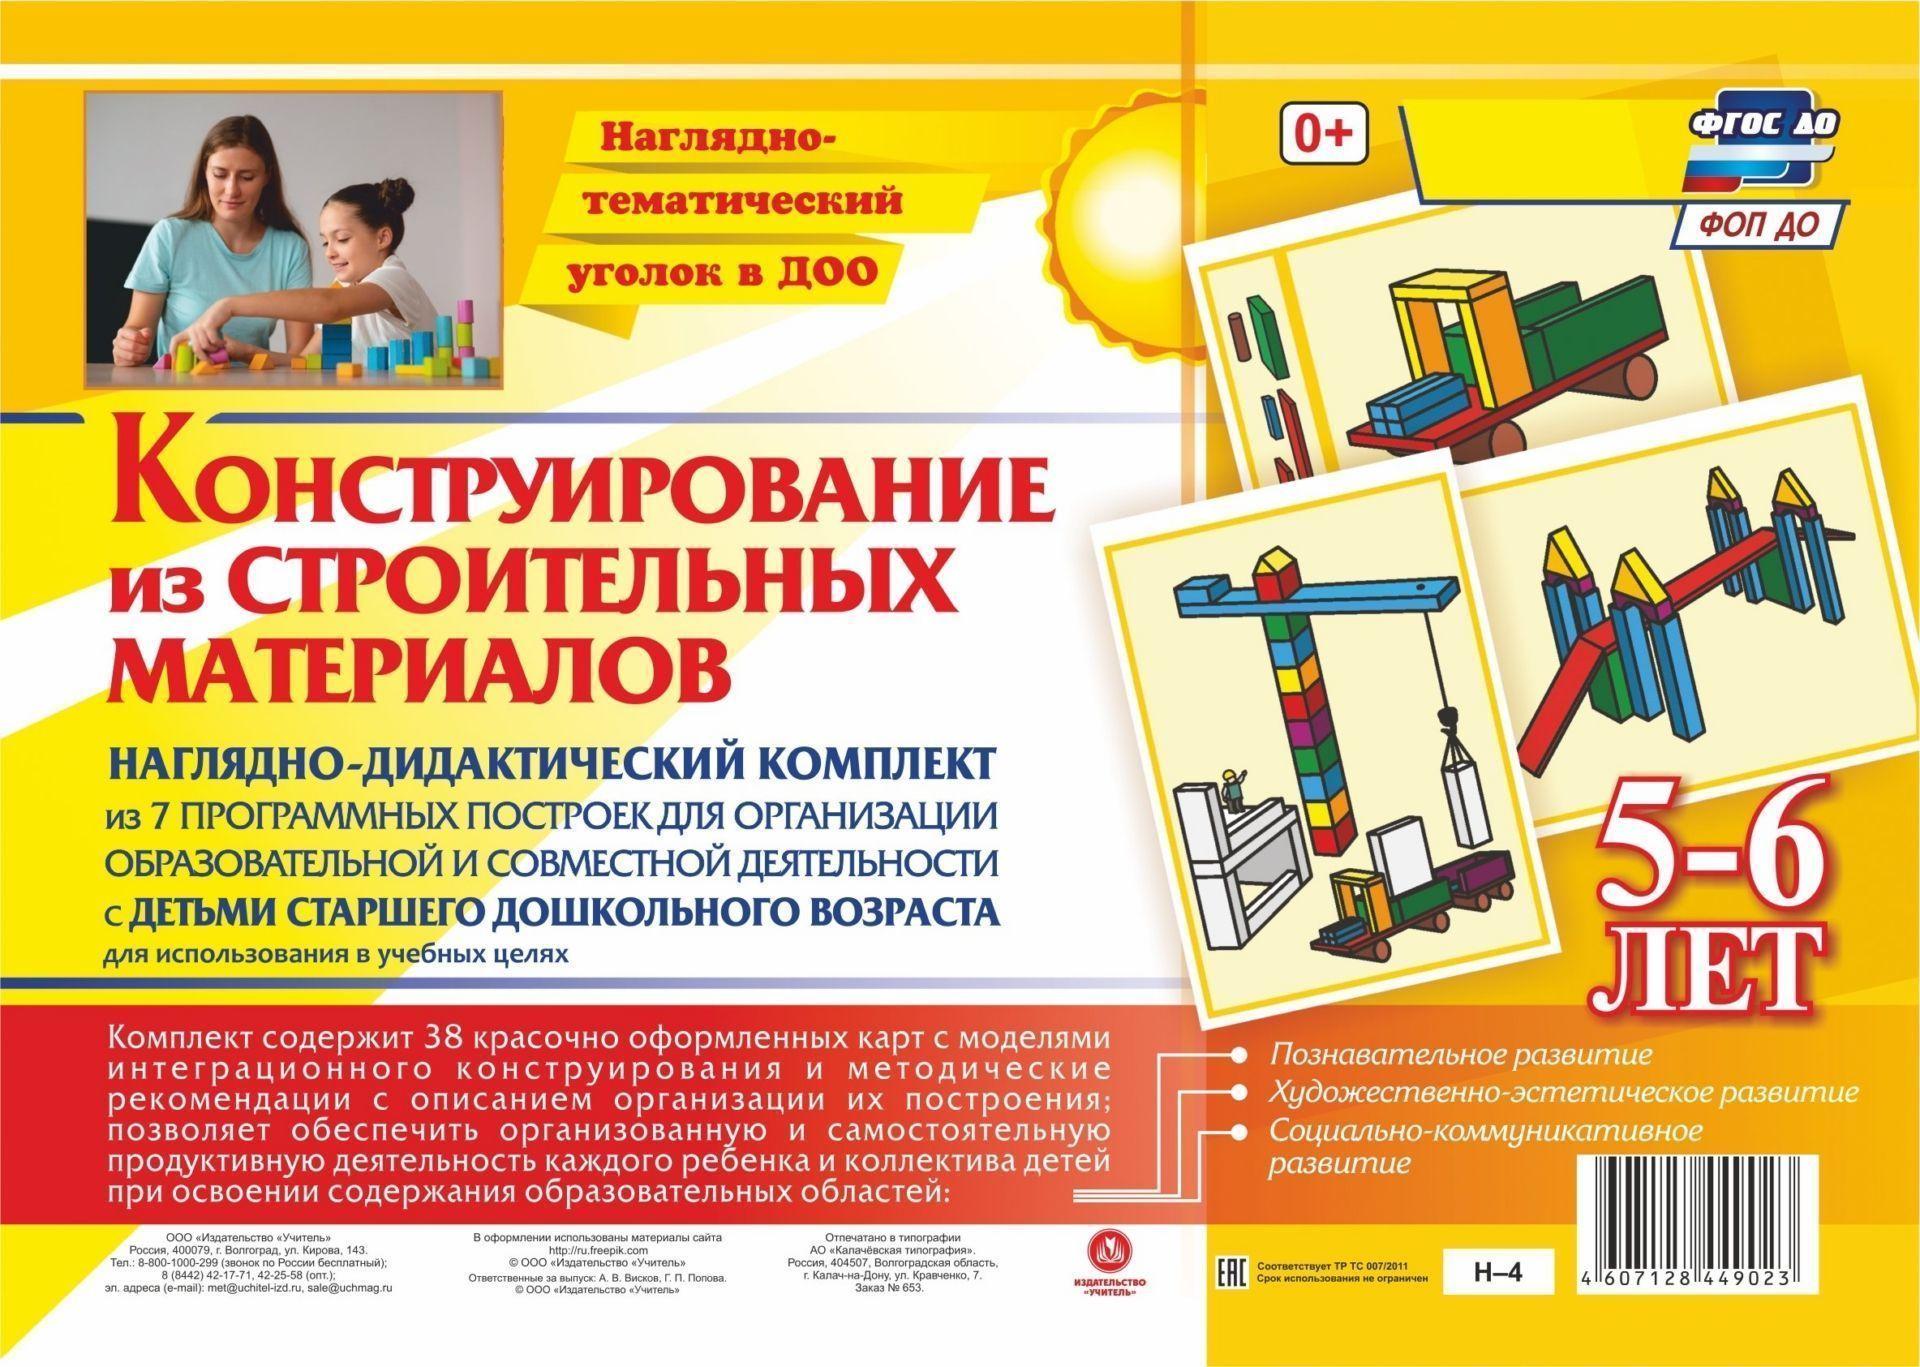 Купить со скидкой Наглядно-дидактический комплект. Конструирование. 38 цветных иллюстраций формата А4 на картоне. 5-6